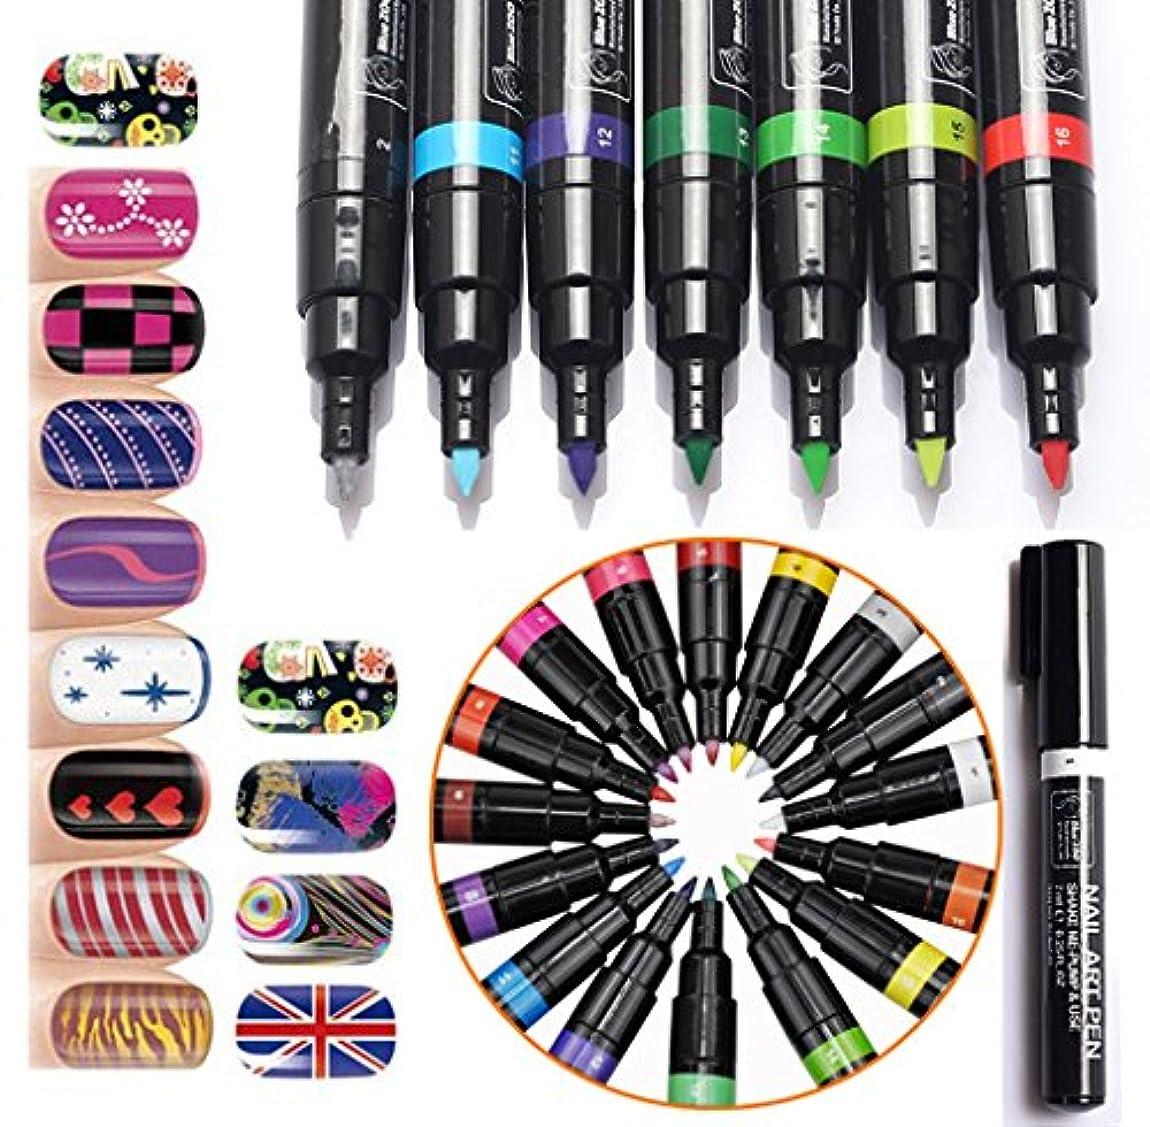 ライドマウント著名な(メイクアップエーシーシー) MakeupAcc カラーネイルアートペン 3Dネイルペン ネイルアートペン ネイルマニキュア液 ペイントペン ペイント 両用 DIY 16色 (16色) [並行輸入品]